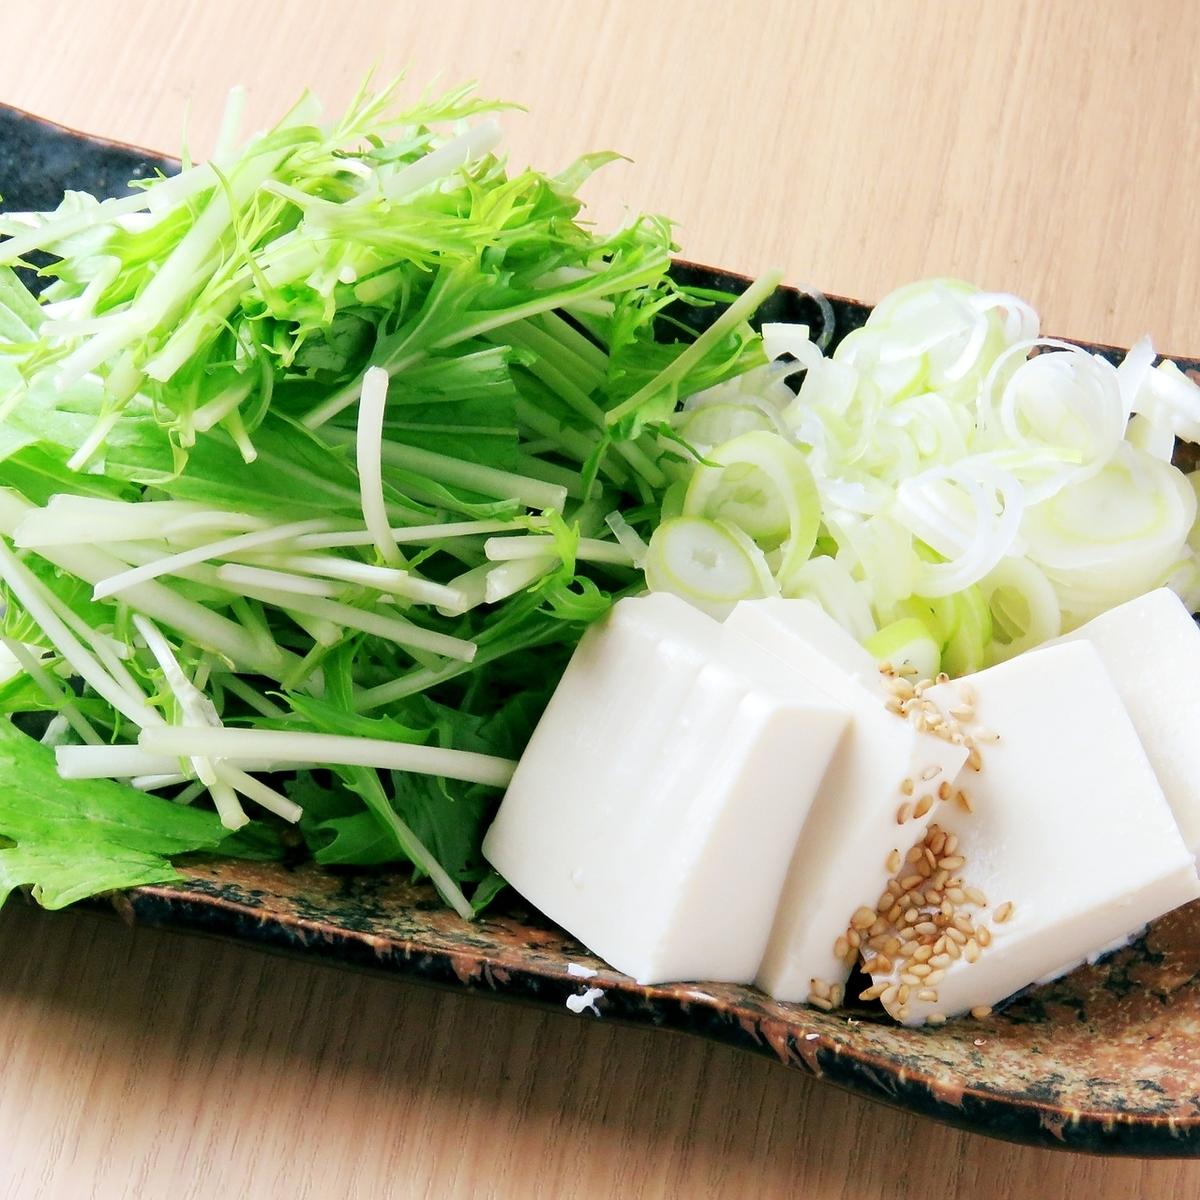 【锅配料】加入蔬菜